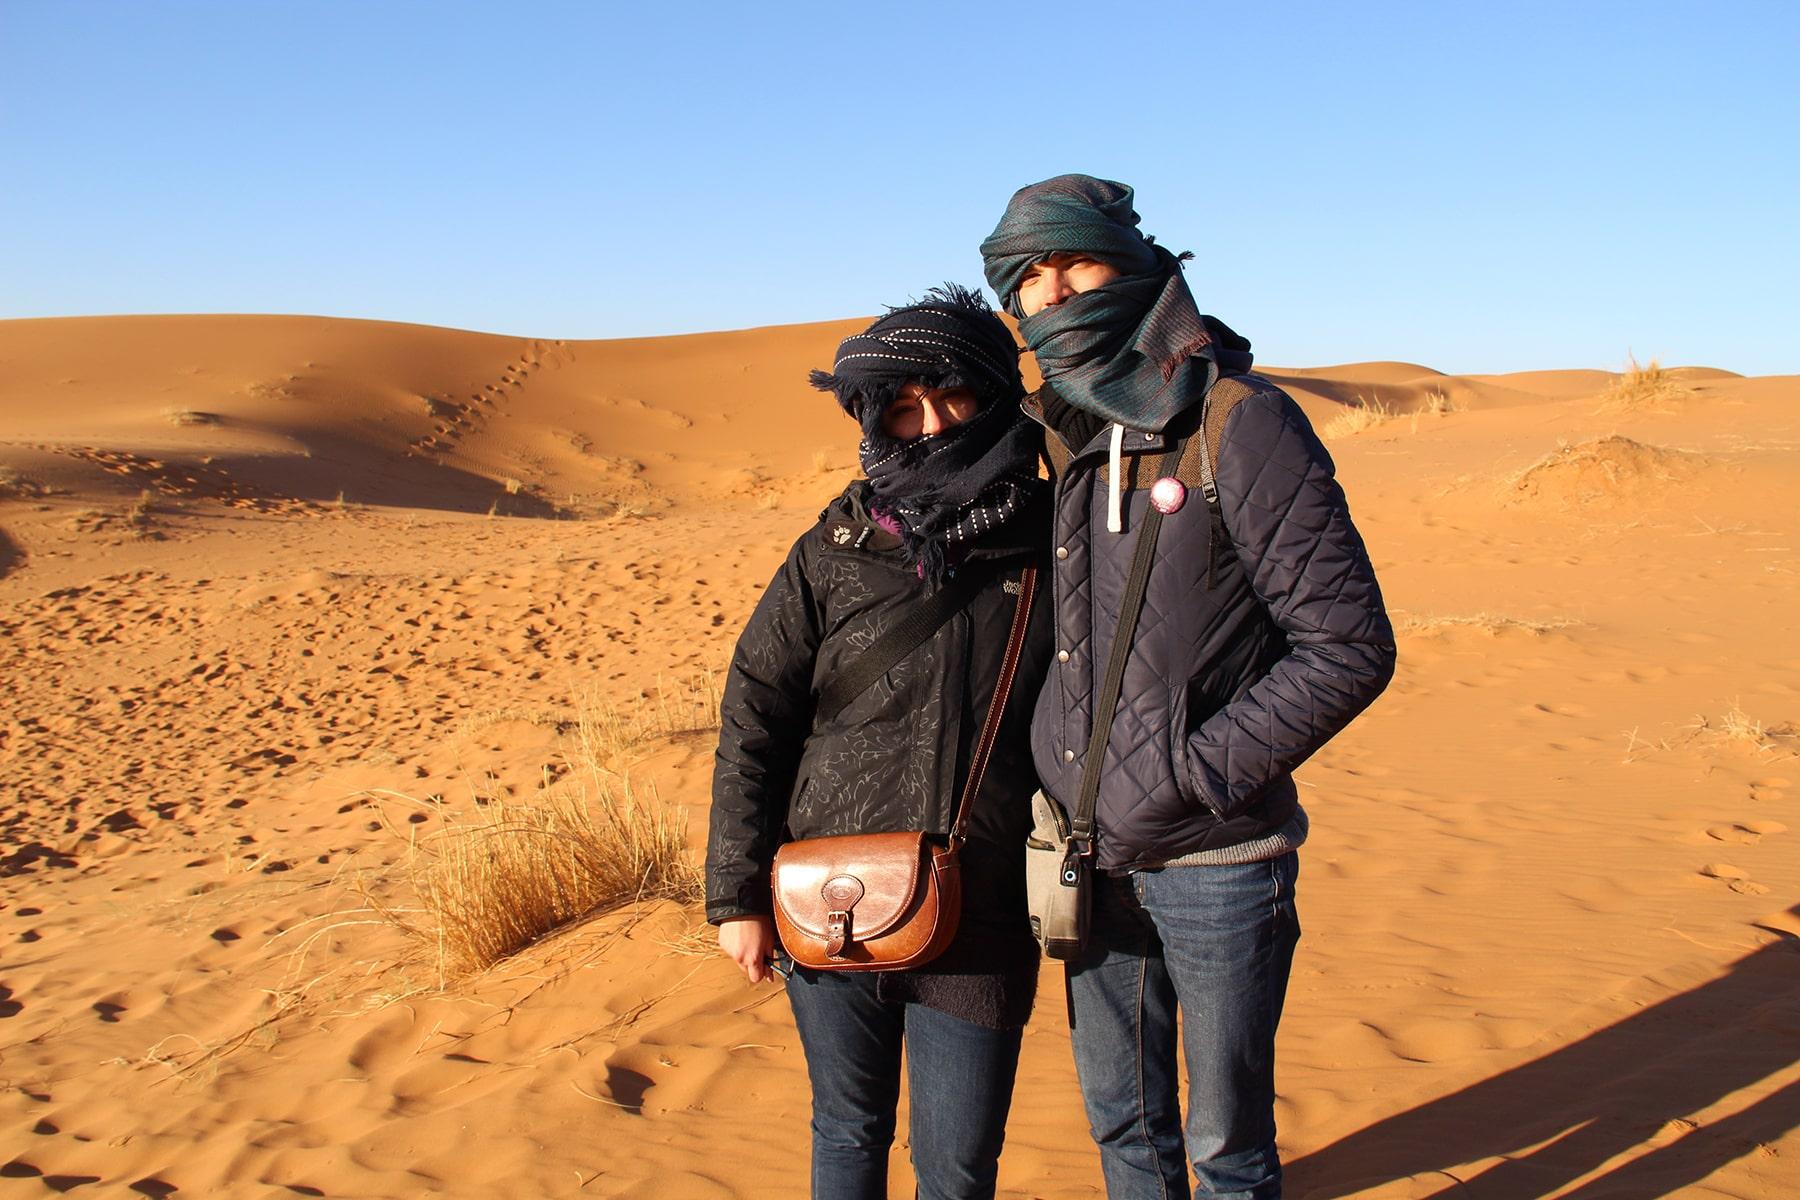 Noi a Merzouga (deserto del Sahara) durante l'inverno